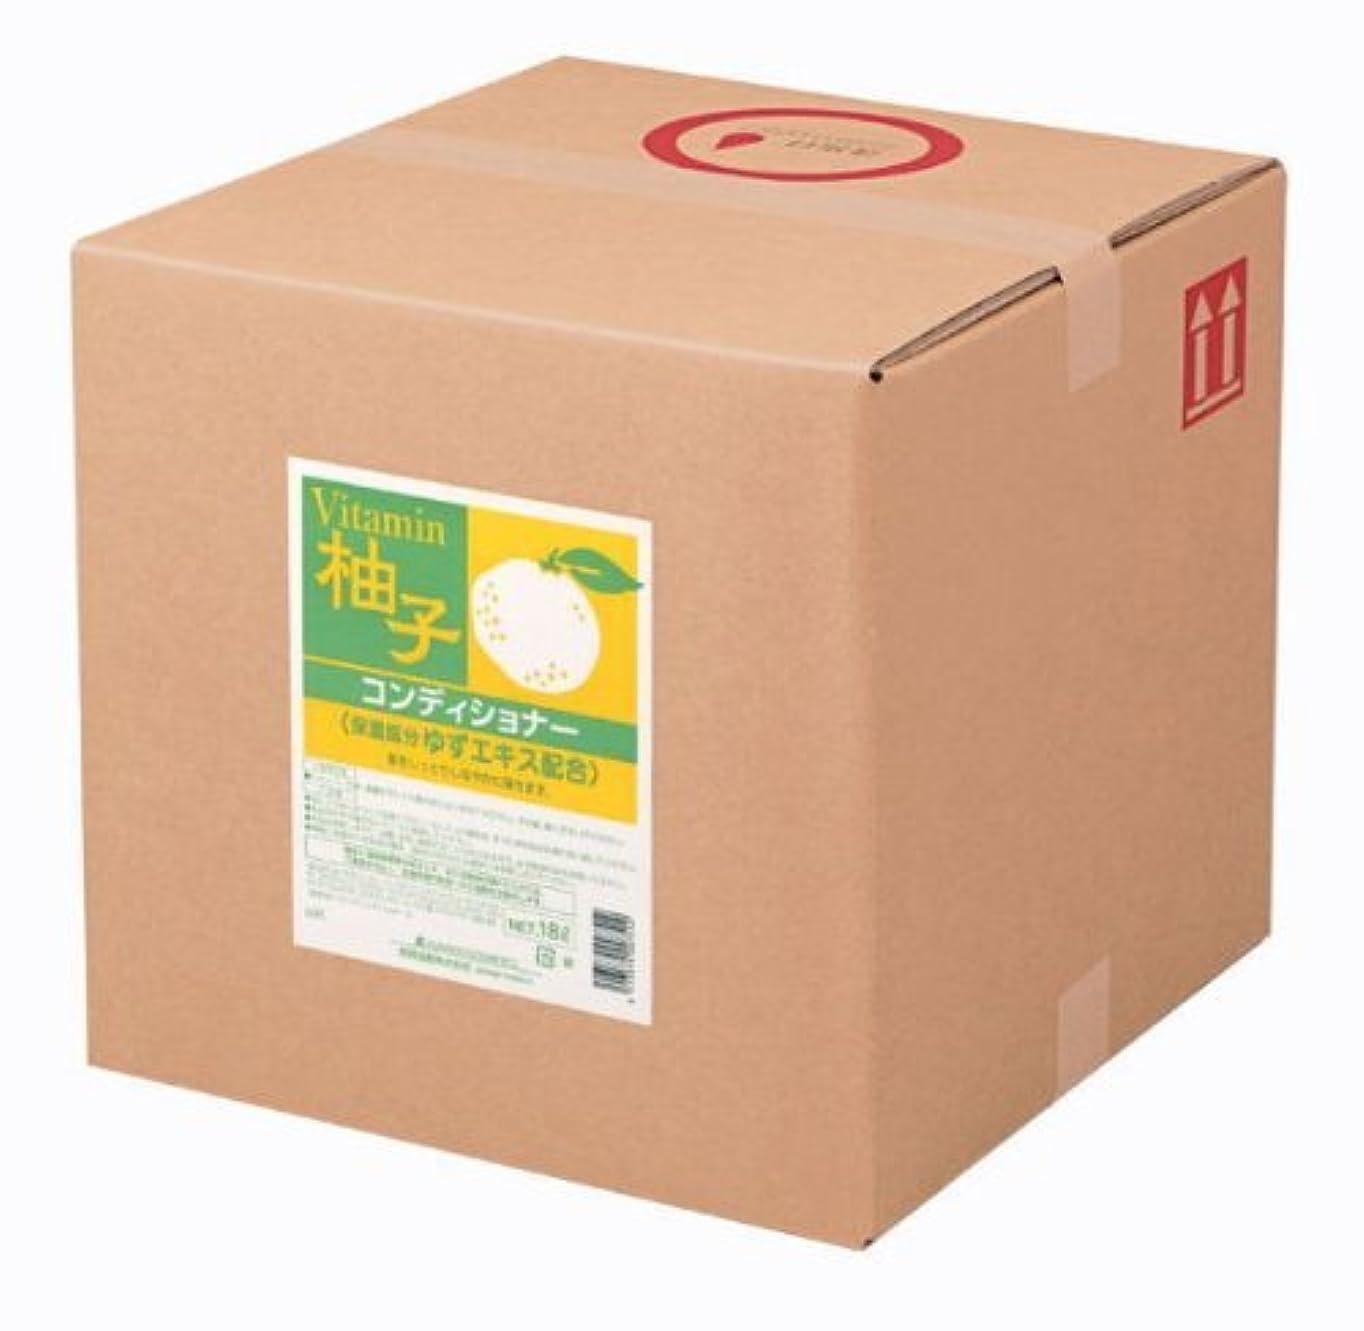 祭司政令プリーツ熊野油脂 業務用 柚子 コンディショナー 18L